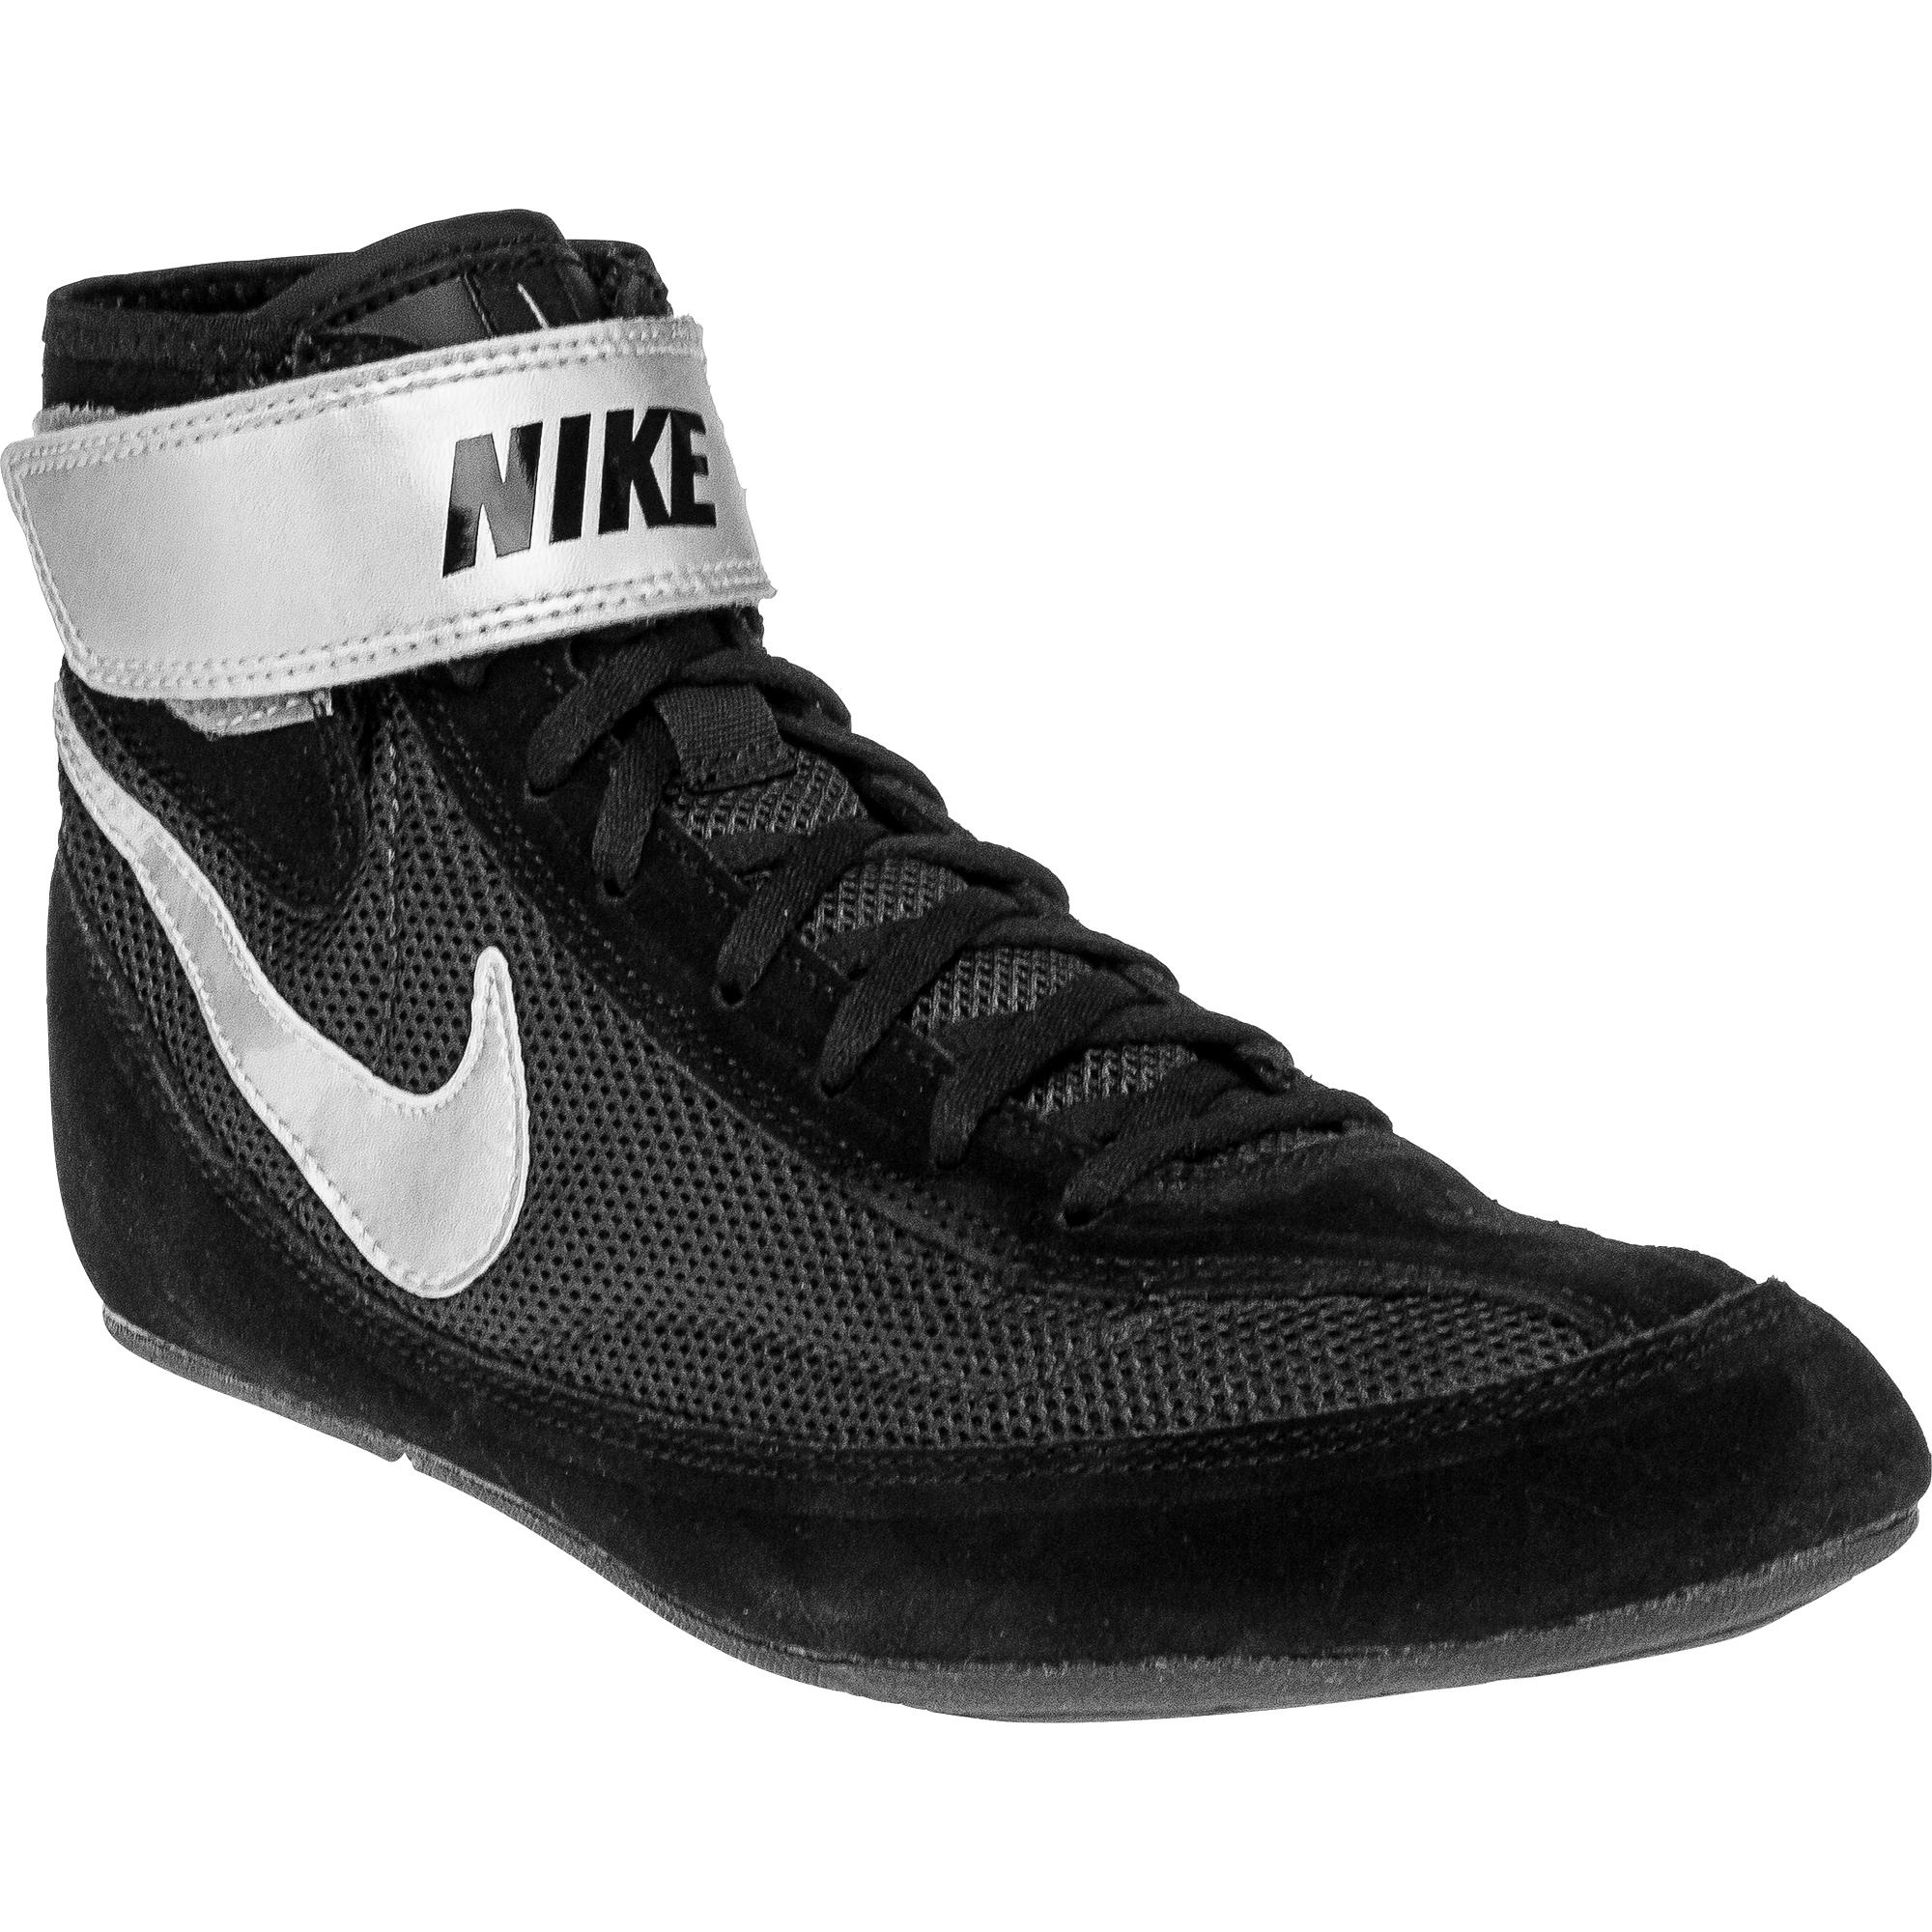 Nike Speedsweep VII Black/Silver